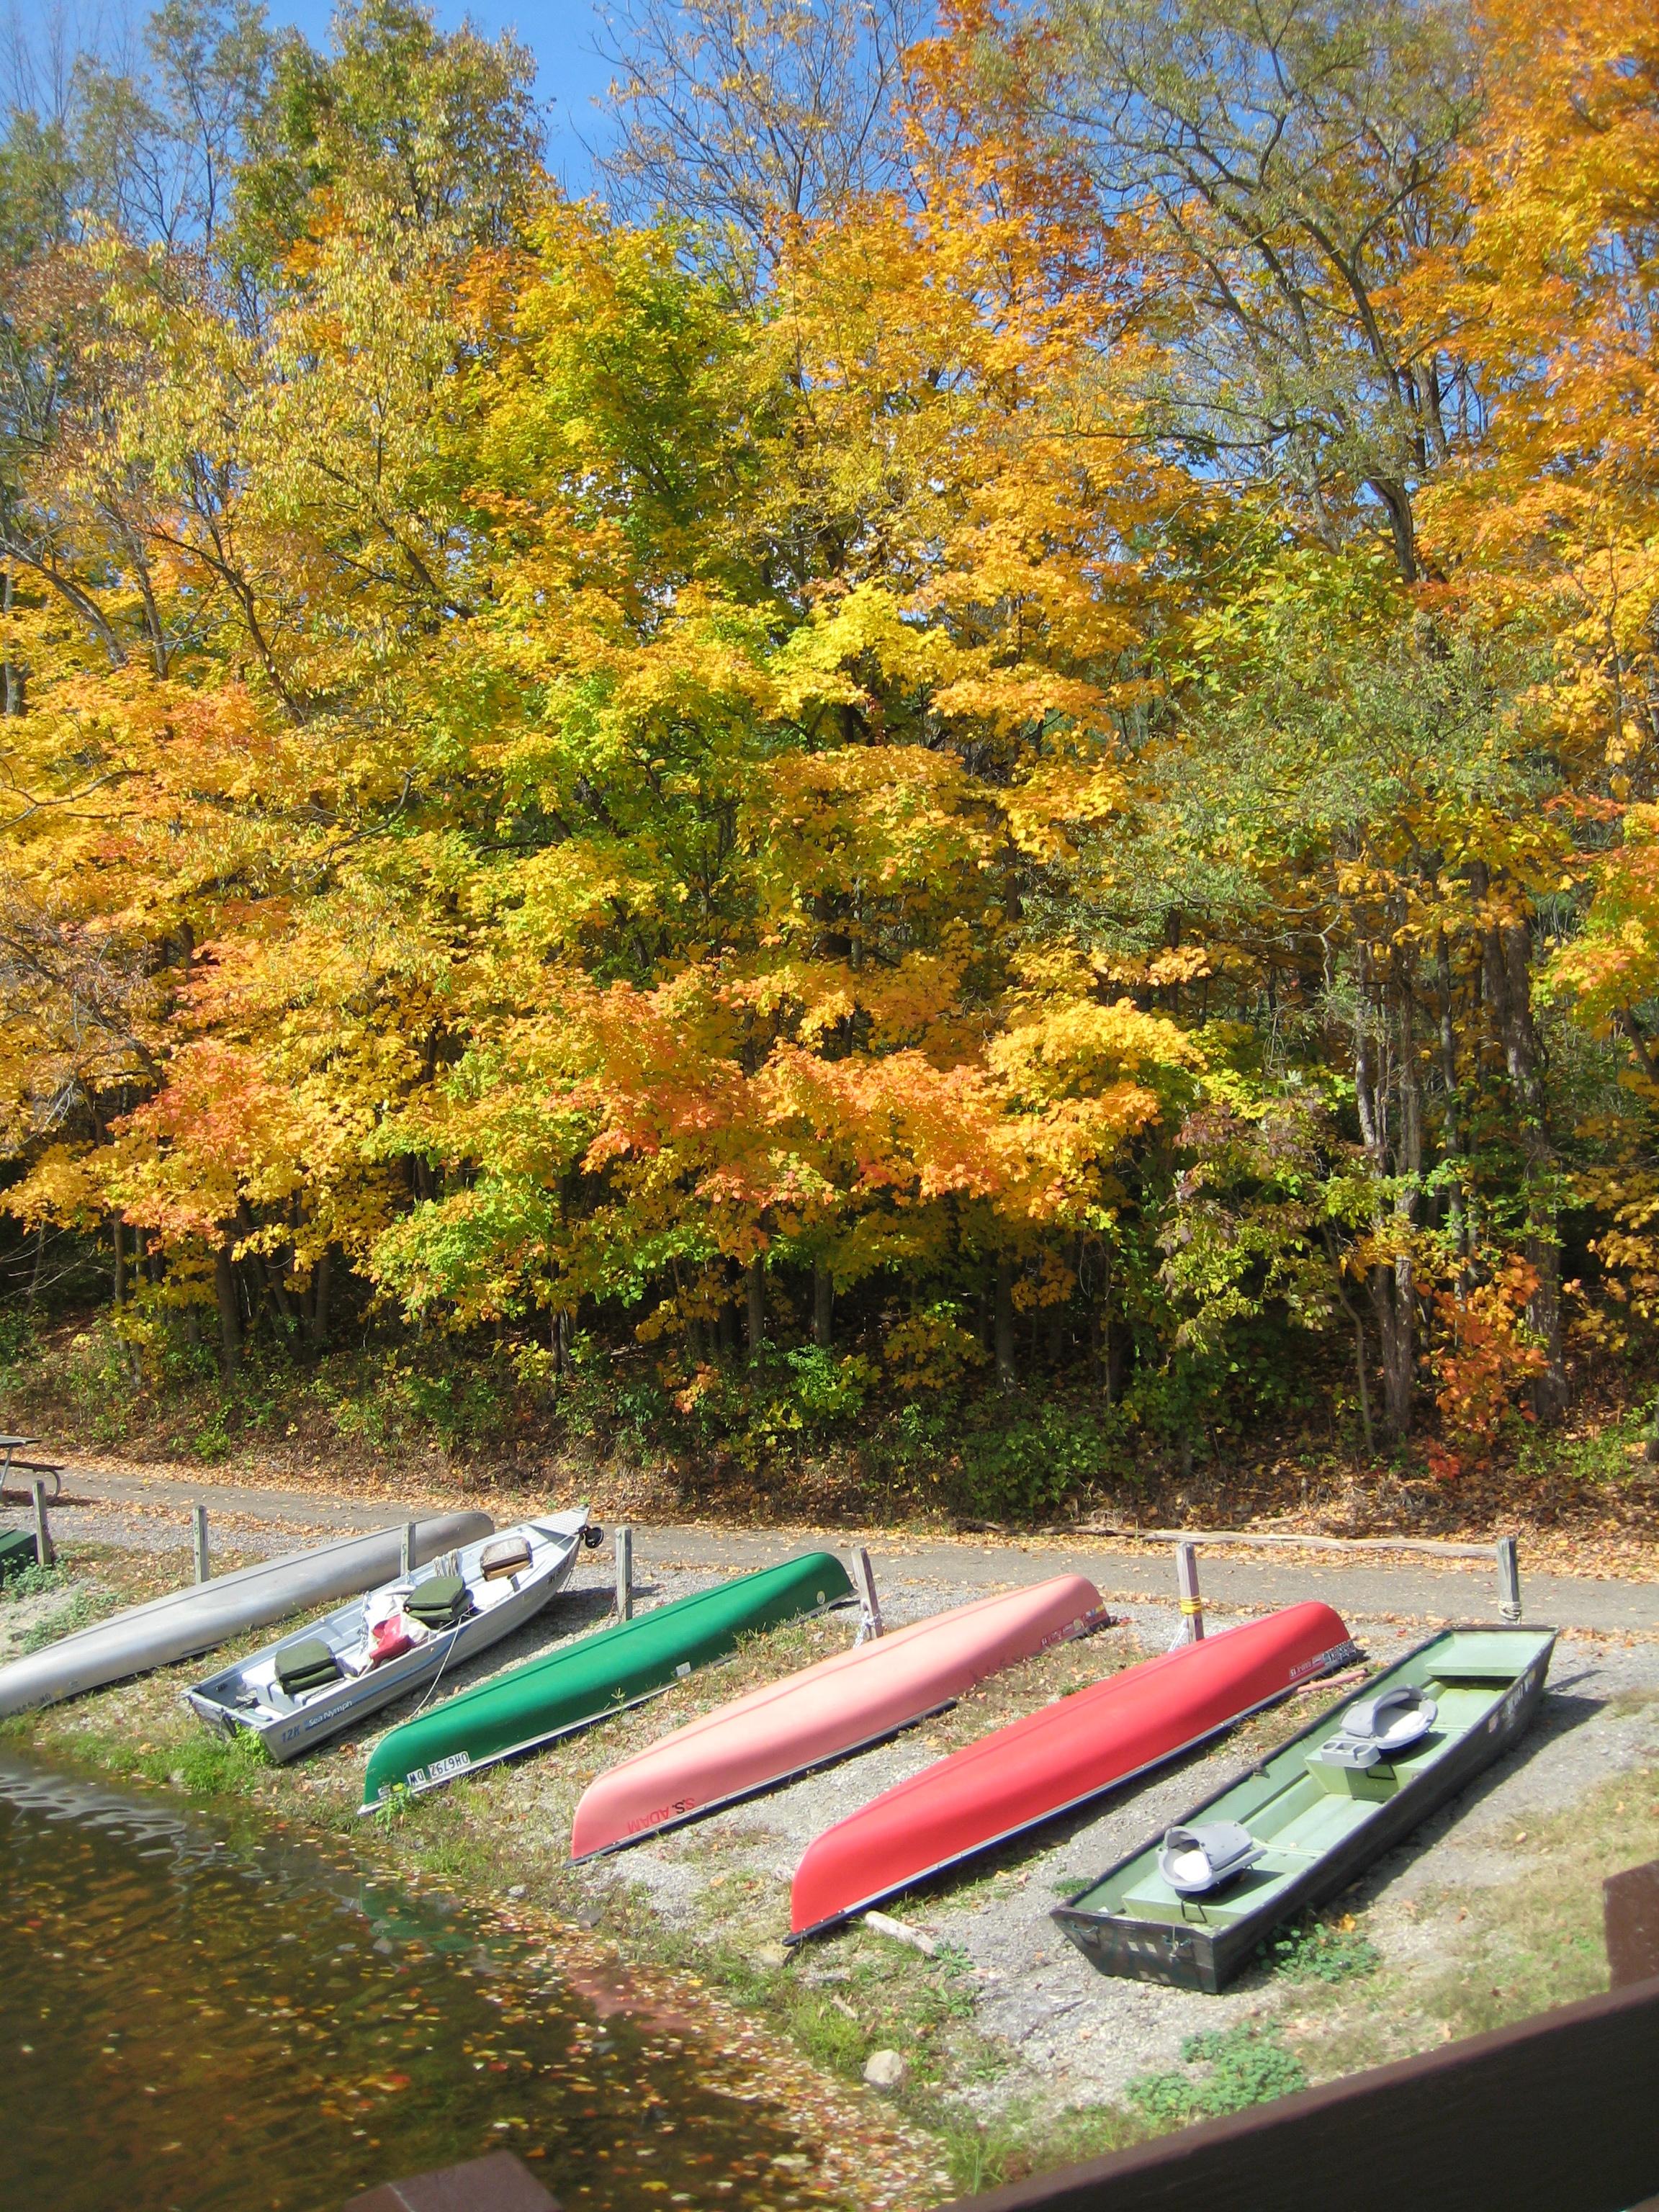 Canoes at Barkcamp